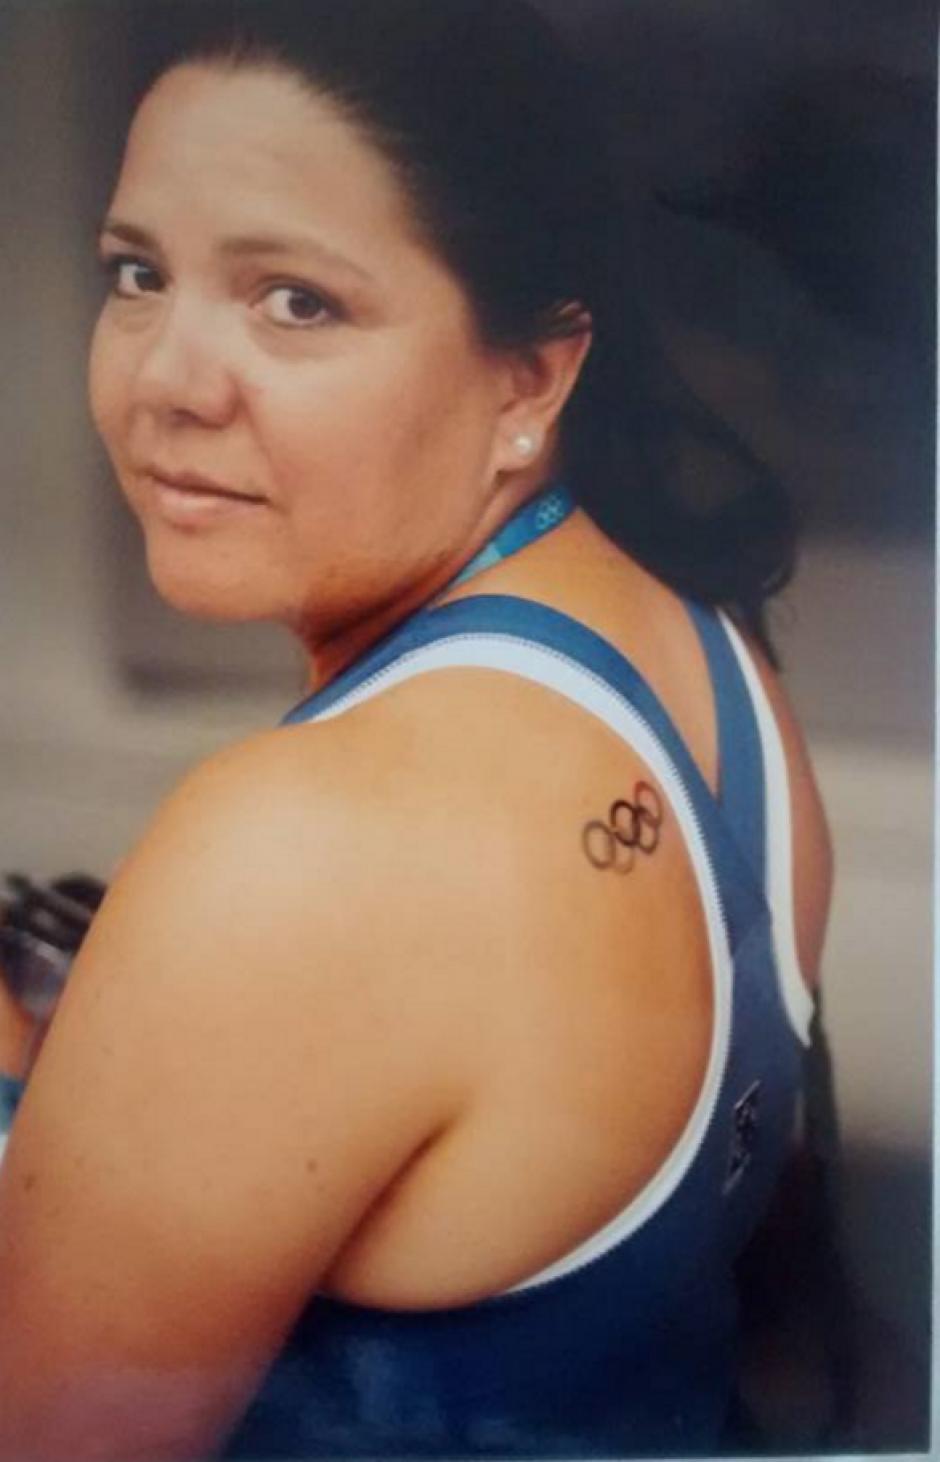 Karin Slowing, es la mamá y entrenadora de Valerie Gruest, compitió en los Juegos de Los Ángeles 1984. (Foto: Facebook)